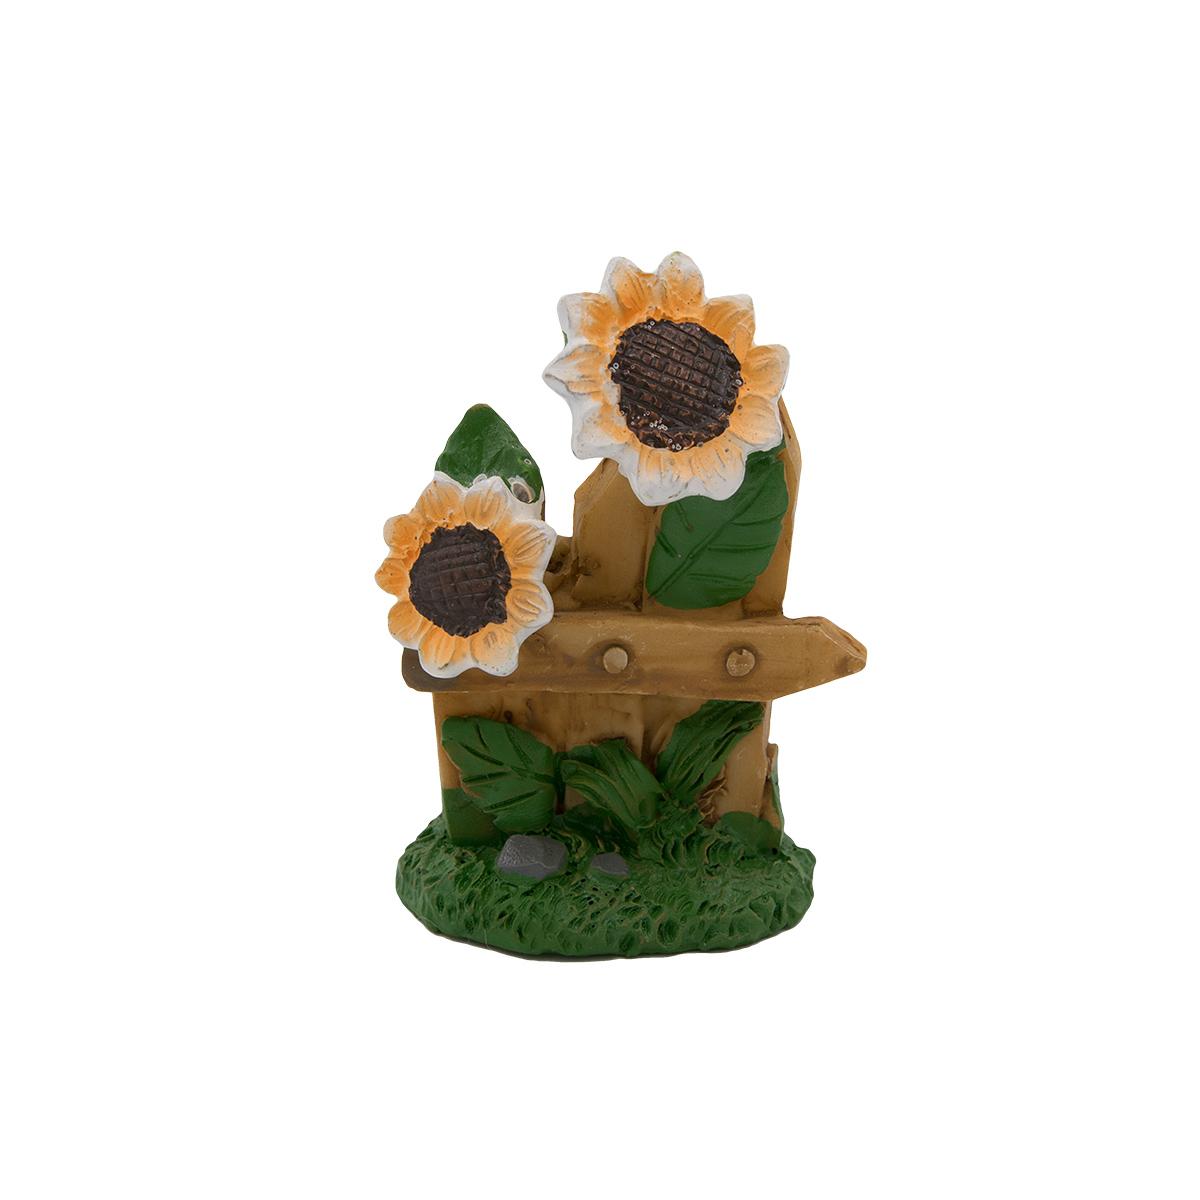 560816 Миниатюра Забор с цветами 4,5*2,5*6см, Астра фото